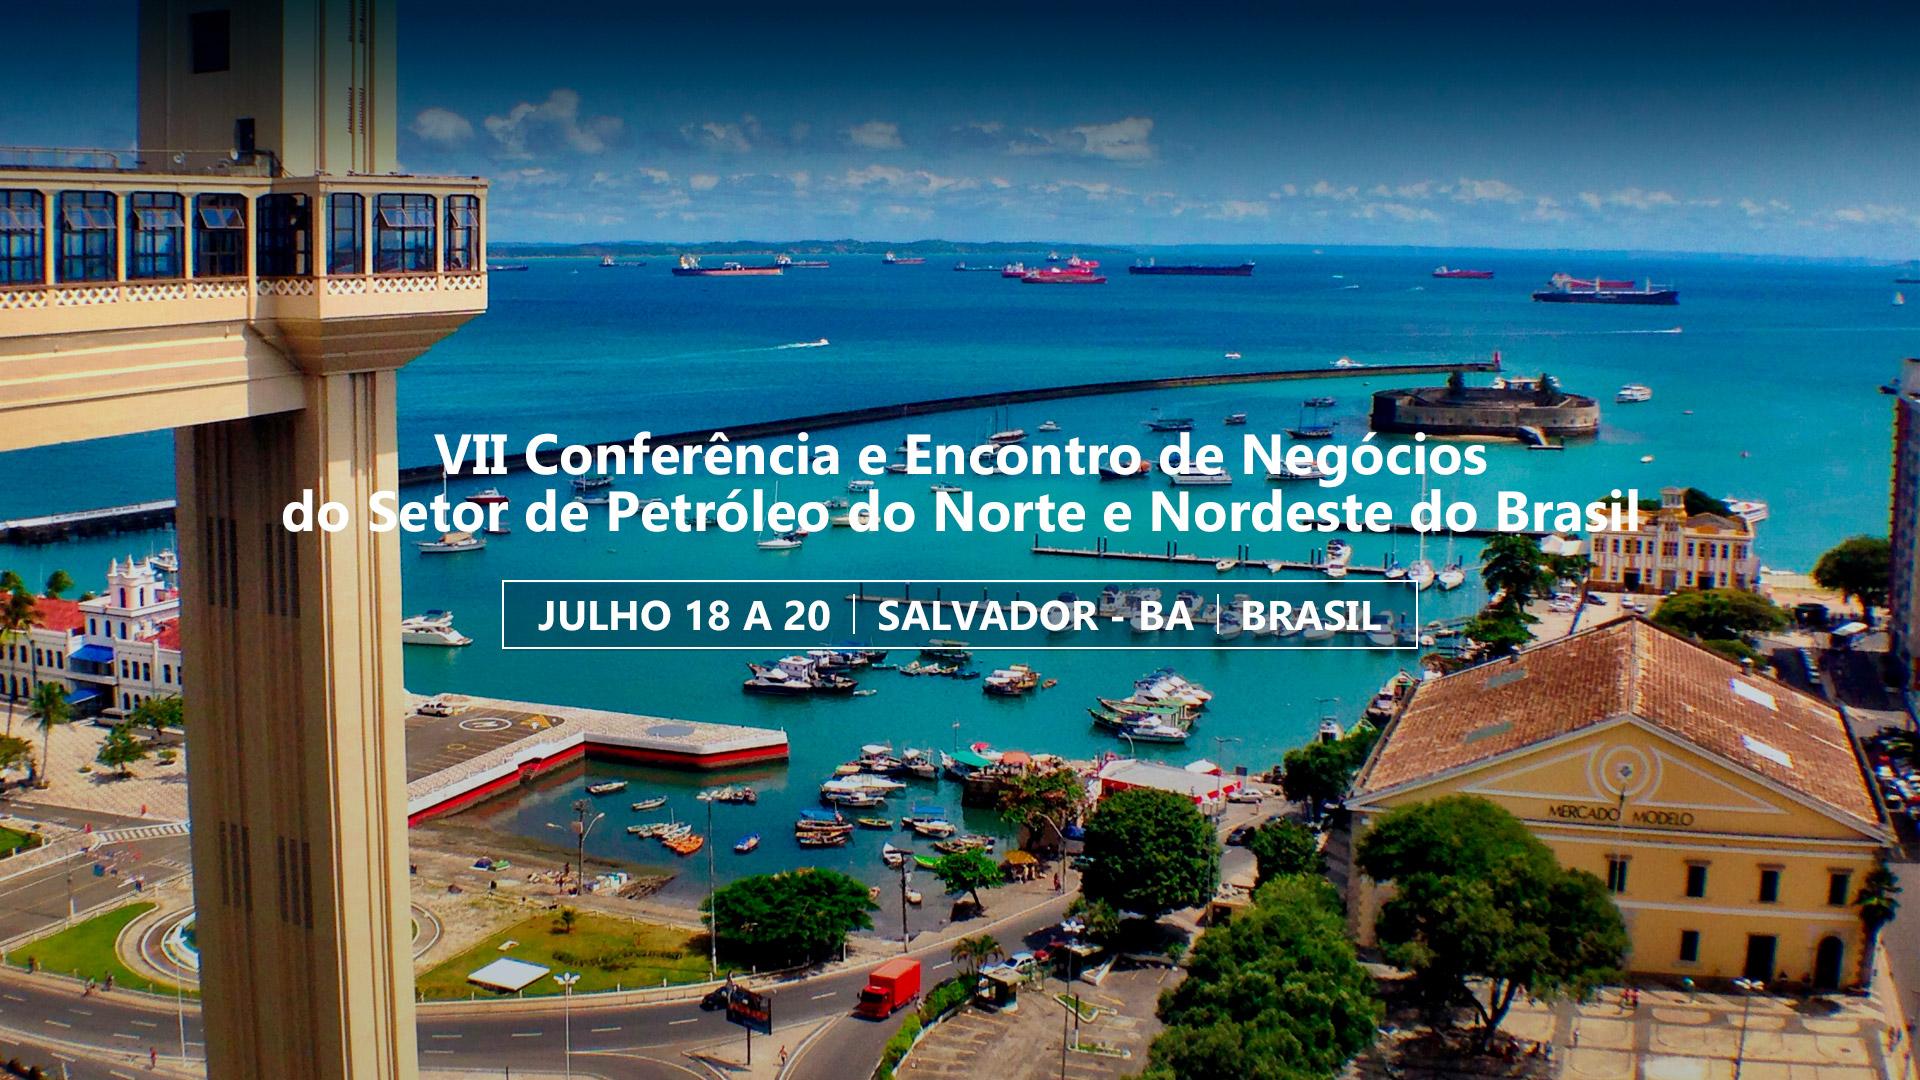 Salvador recebe Petronor 2018 e oportunidades para o setor de energia